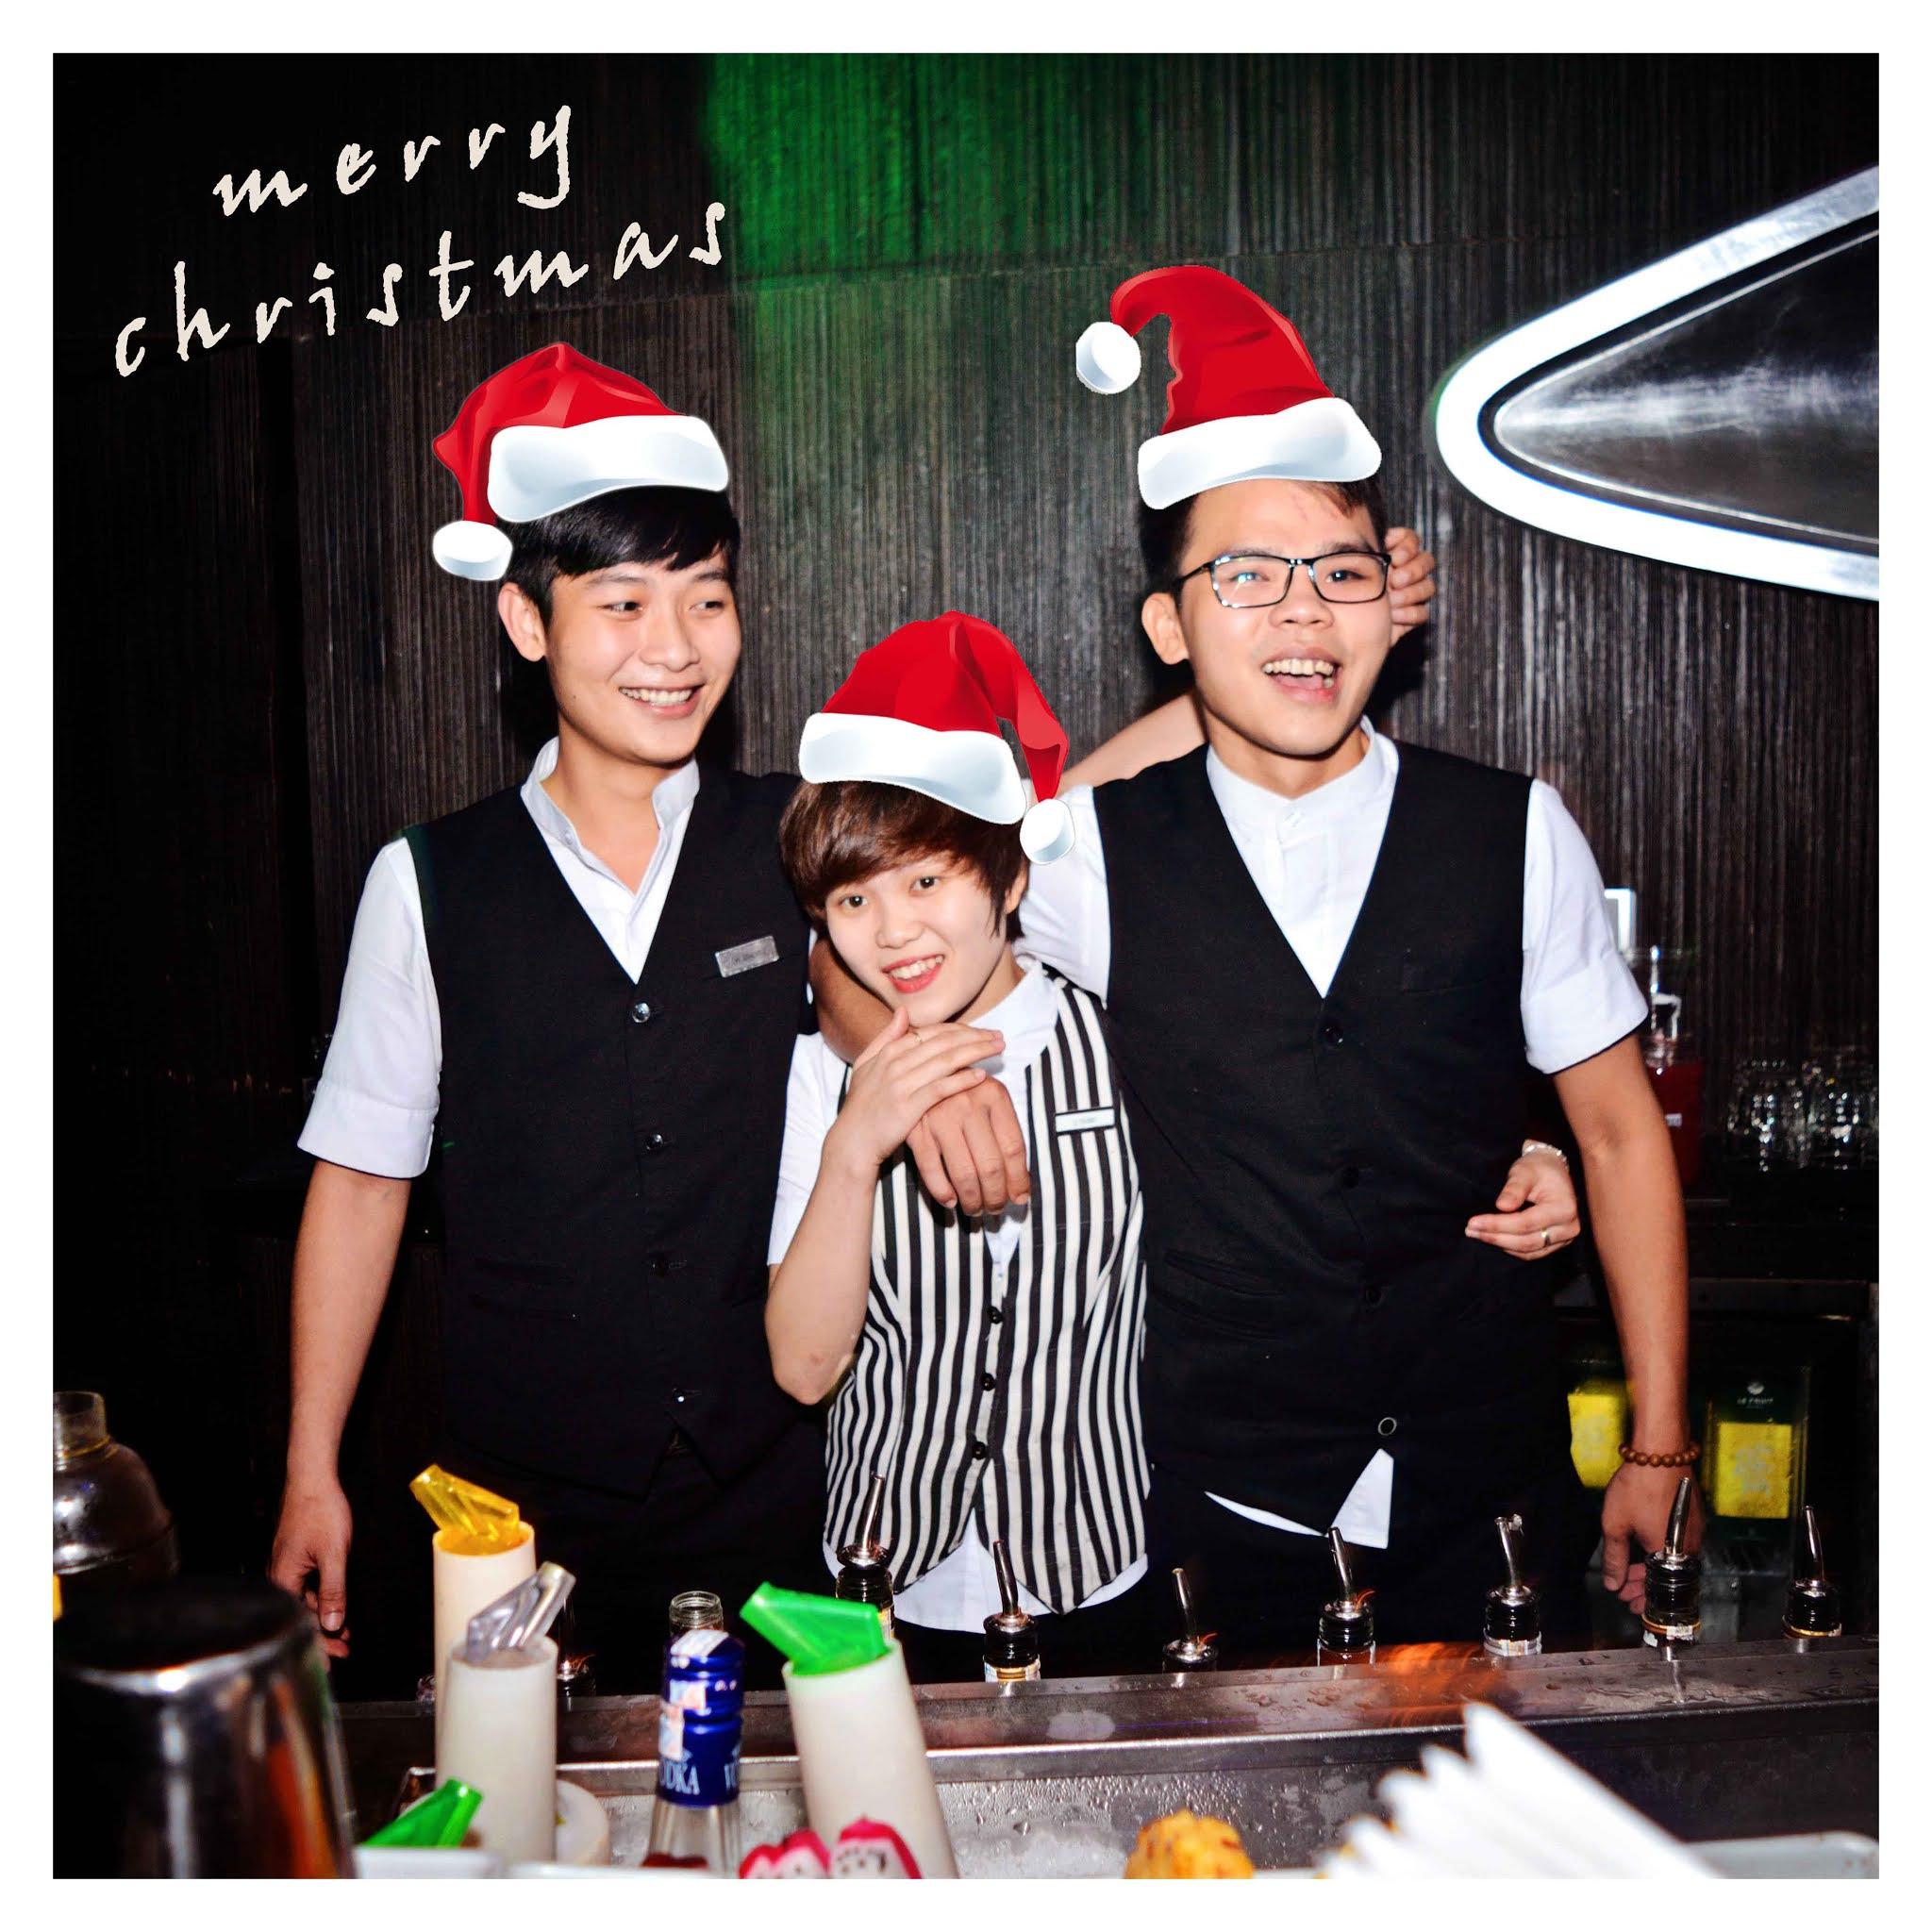 Khoi Studio: Chuyên chụp ảnh sự kiện nightlife, bar, pub, cafe tại Đà Nẵng, Quảng Nam